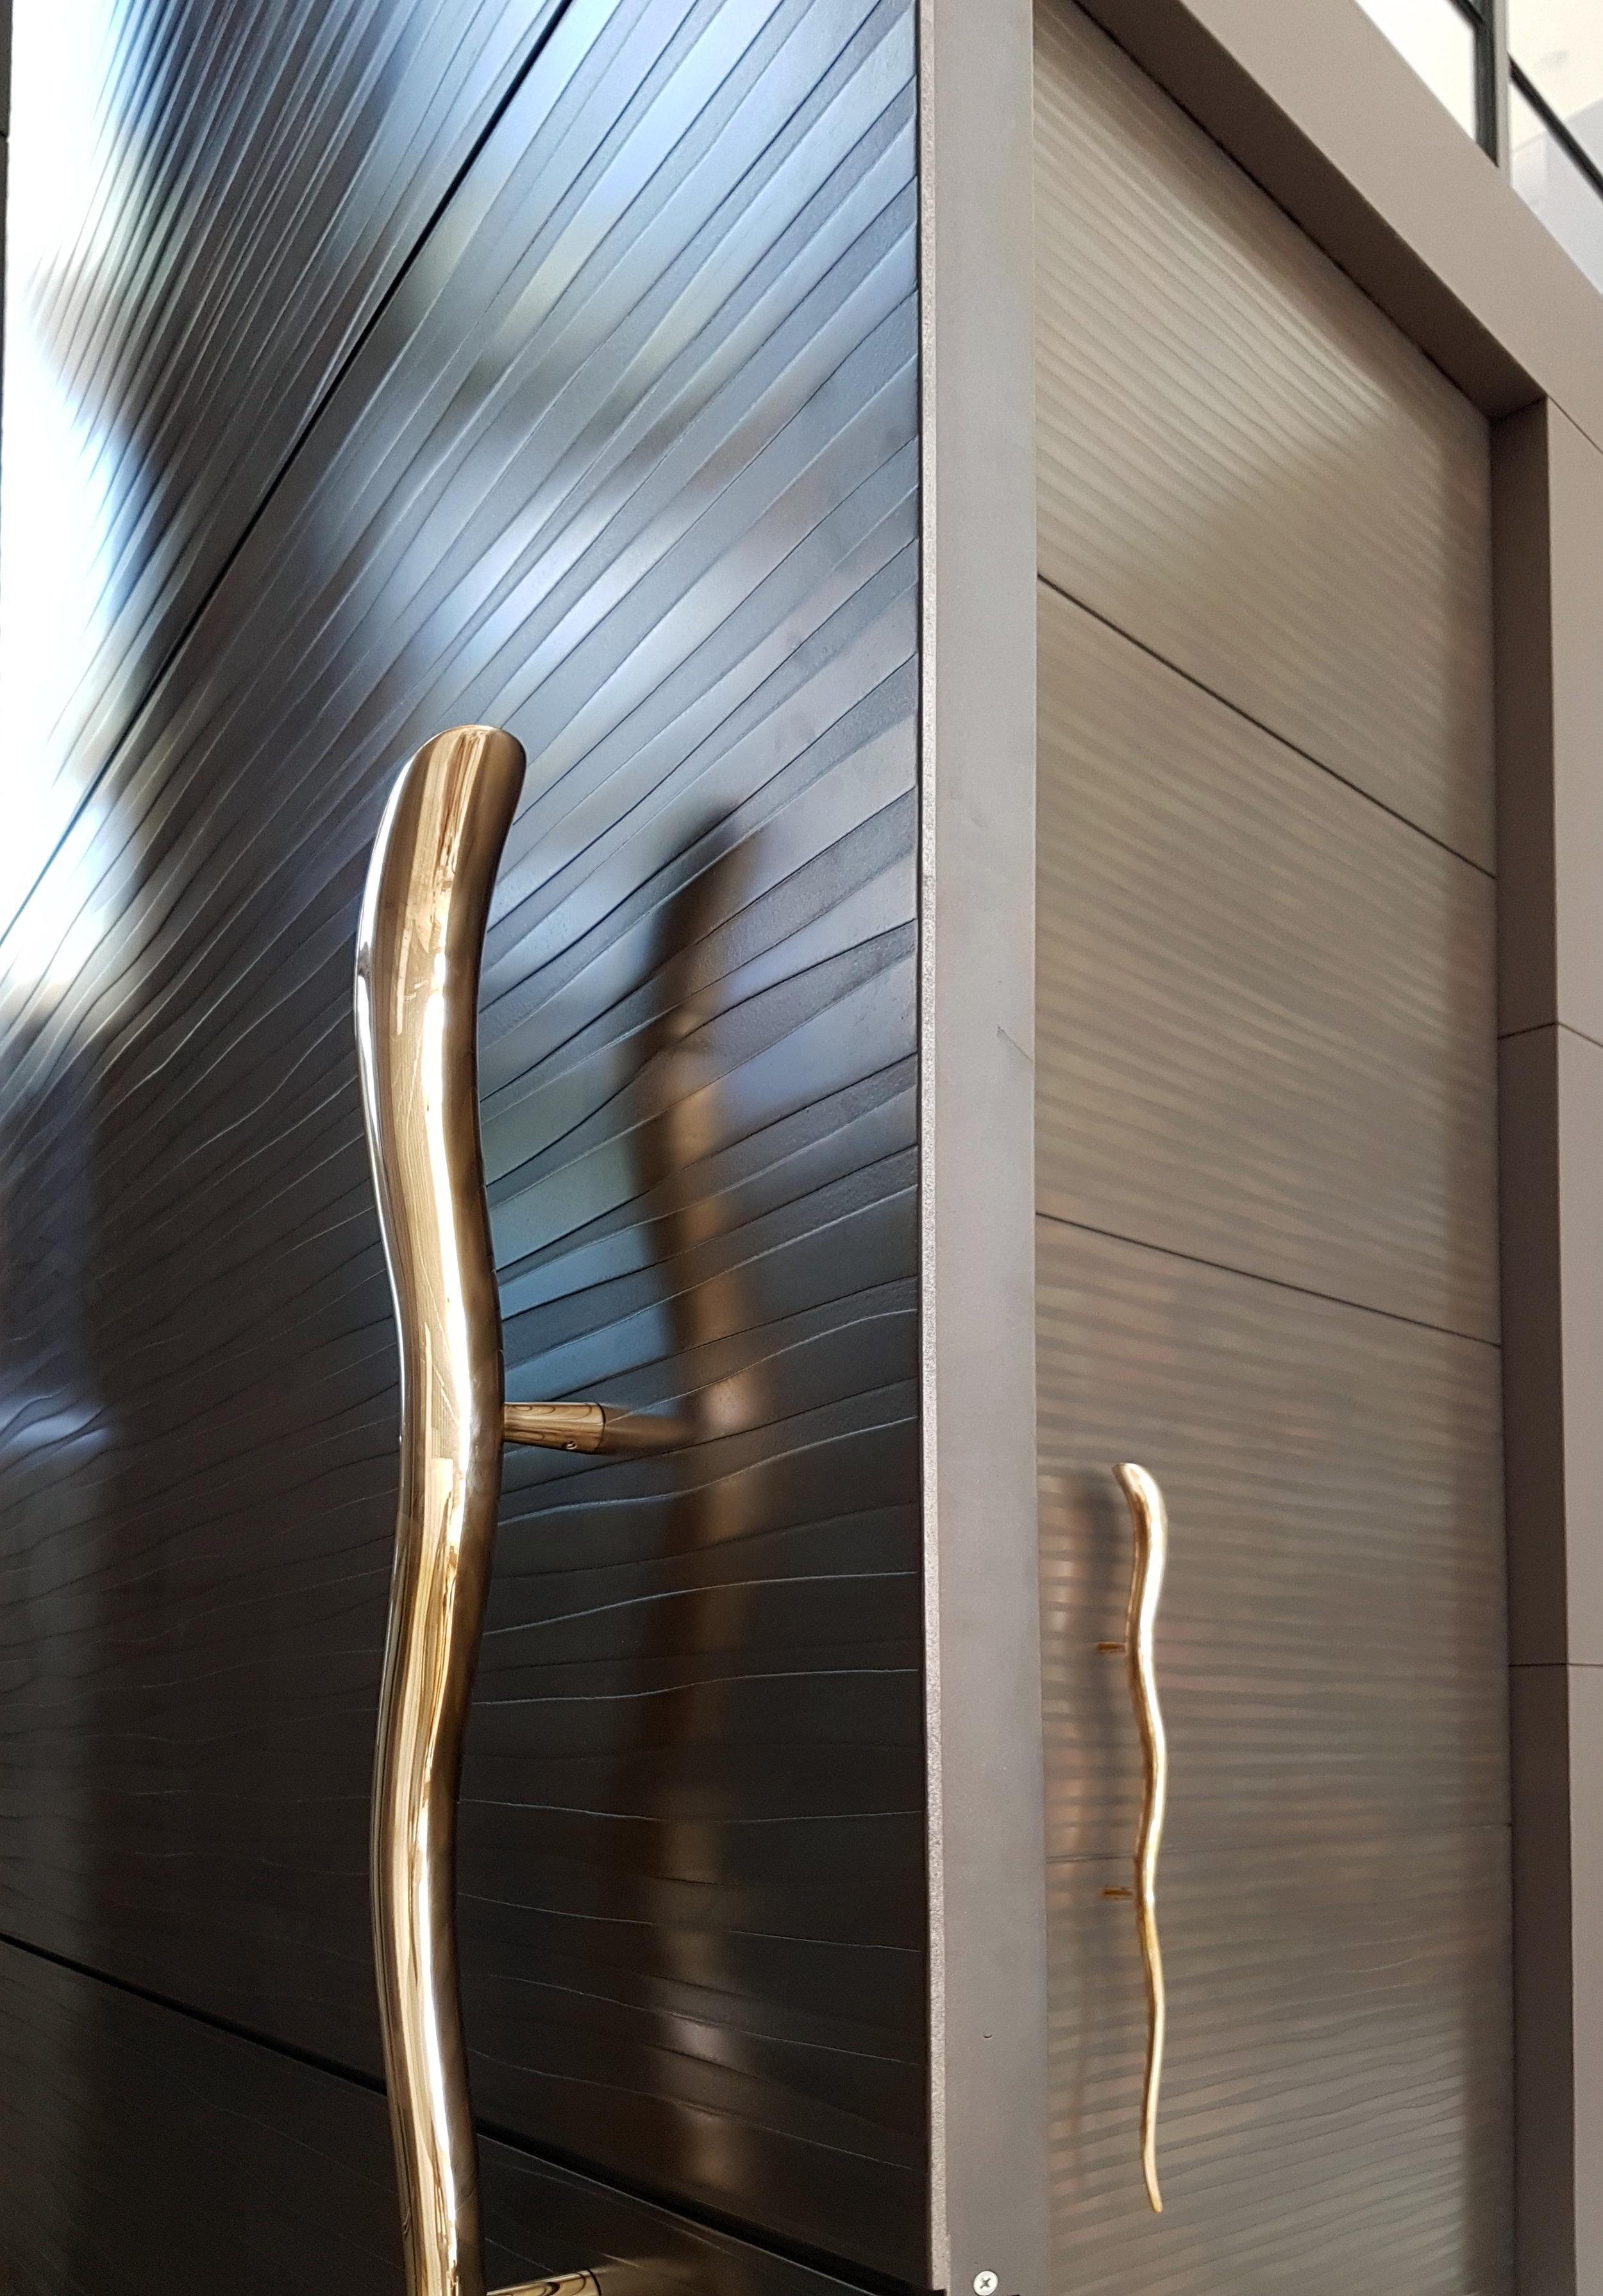 Axolotl_Door_Shiver_TreasuryBronzePearl2.jpg